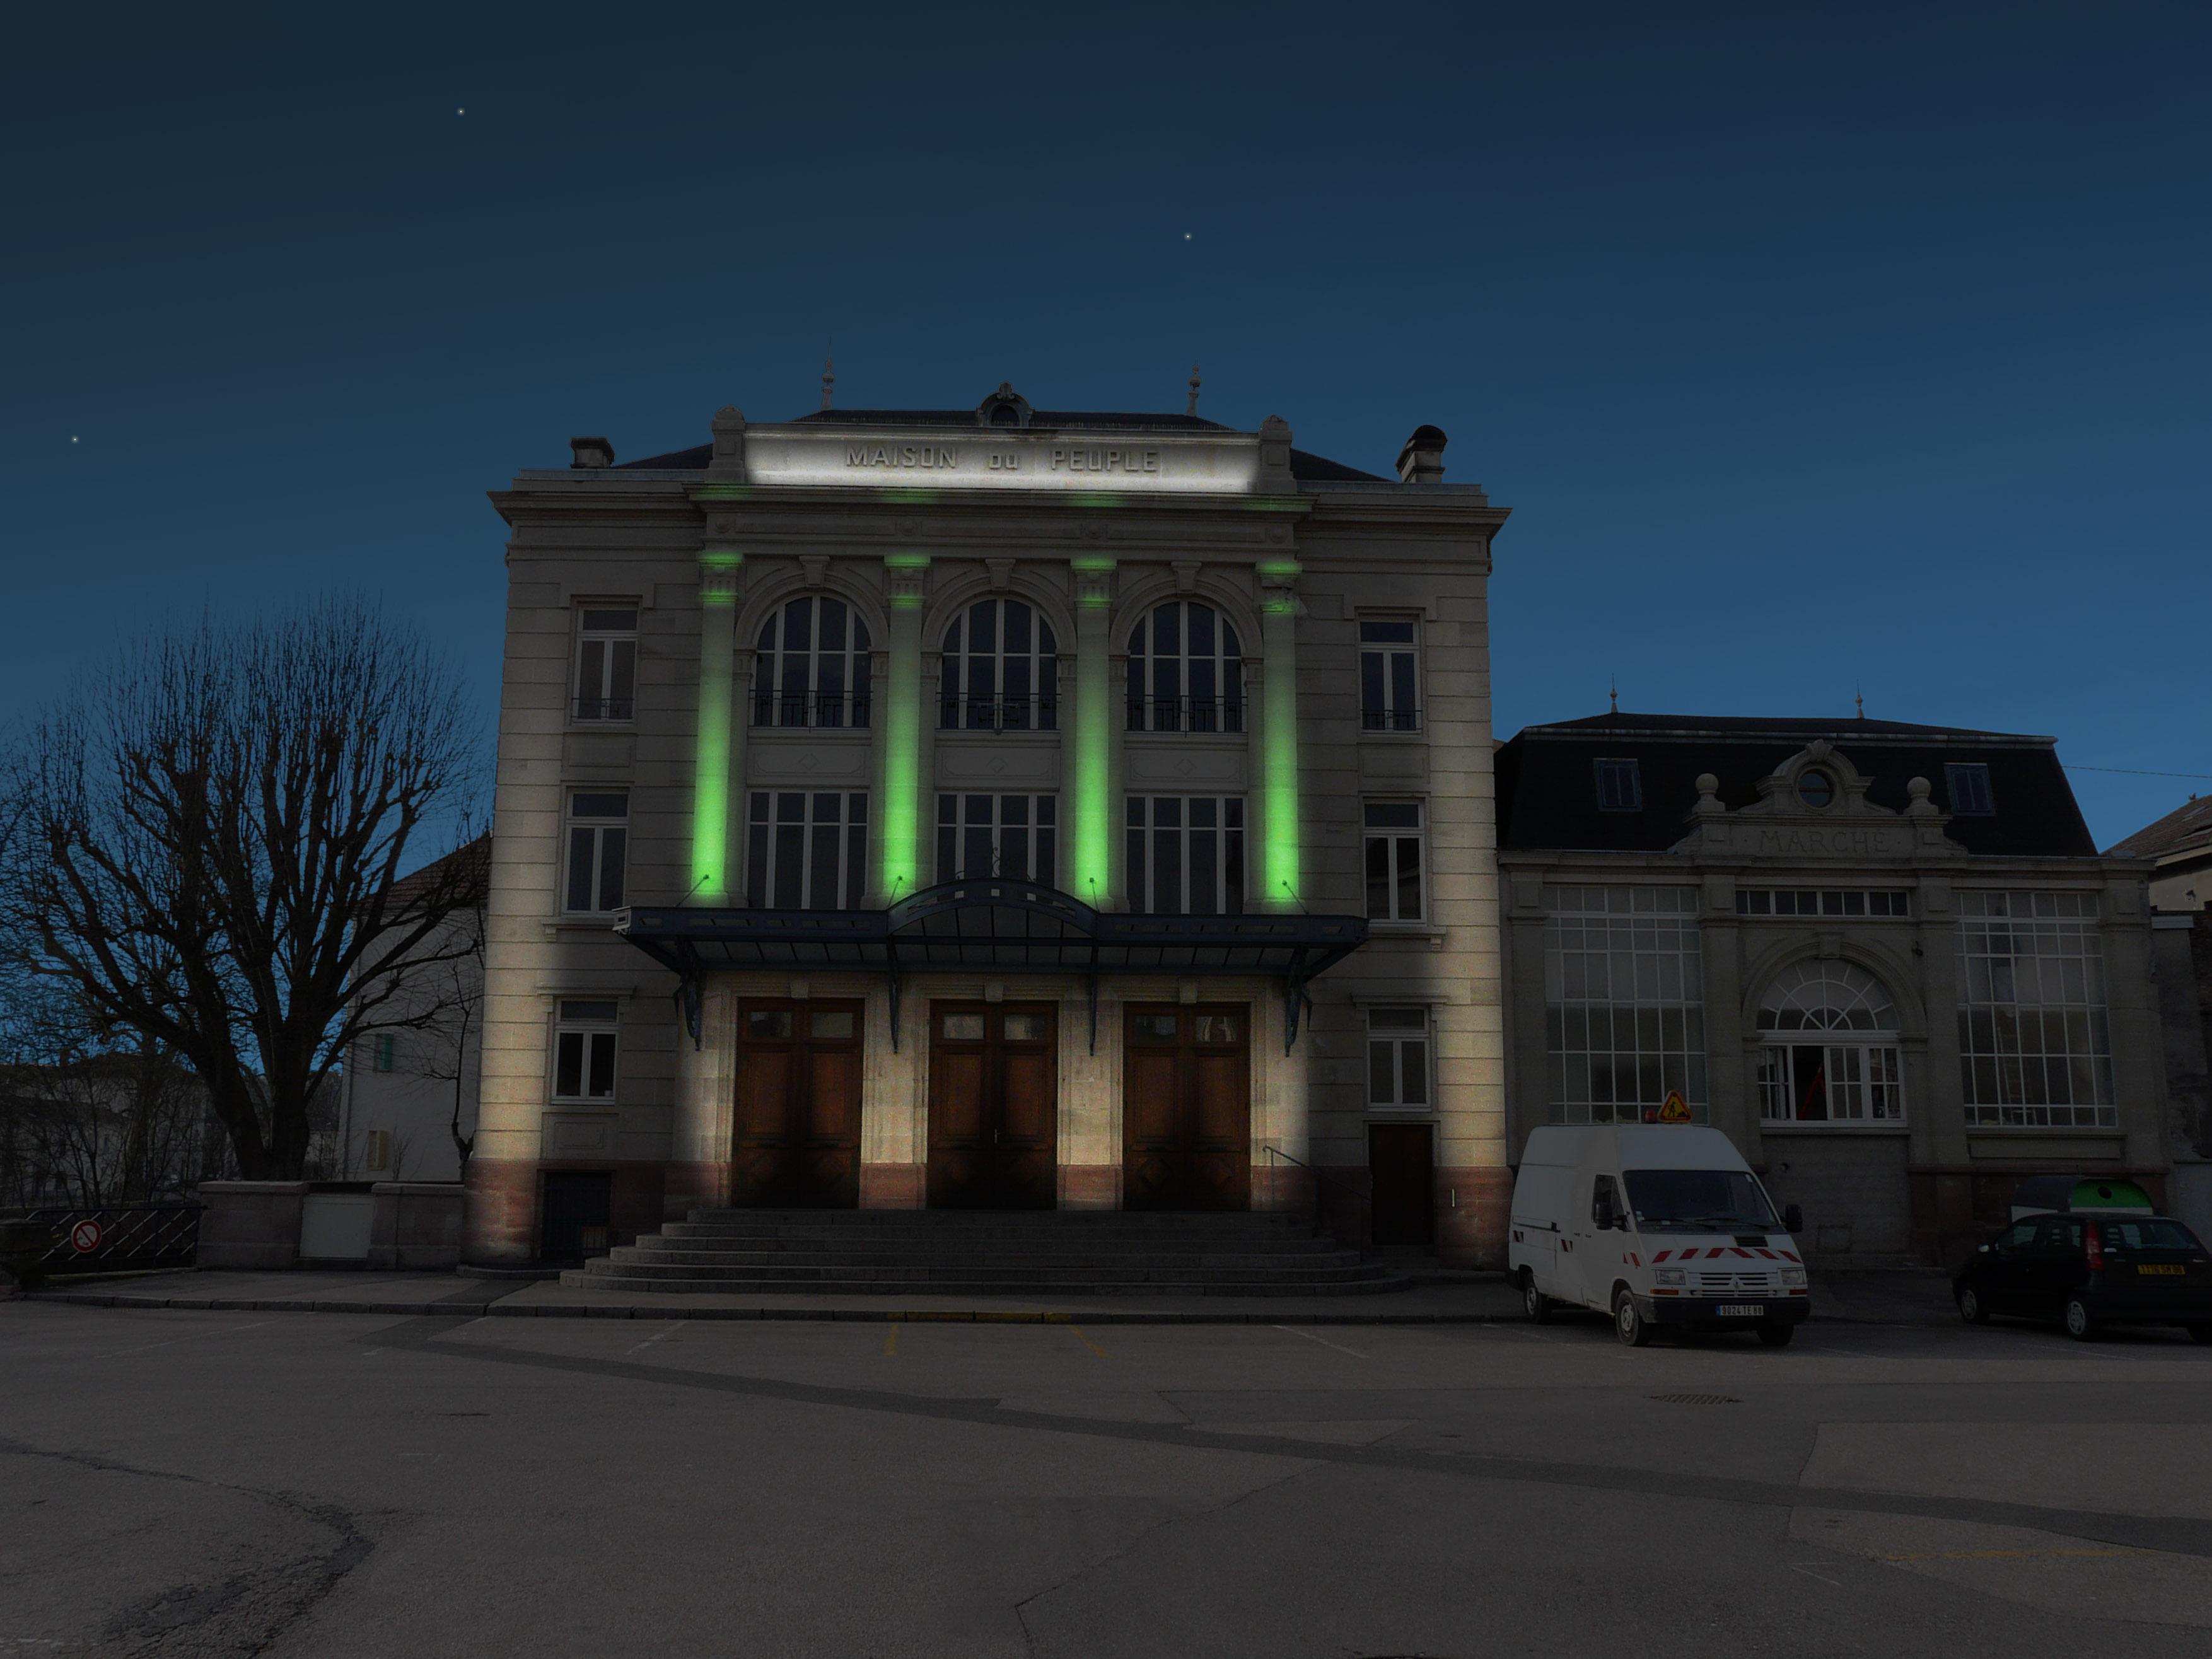 Plan lumière / Maison du peuple